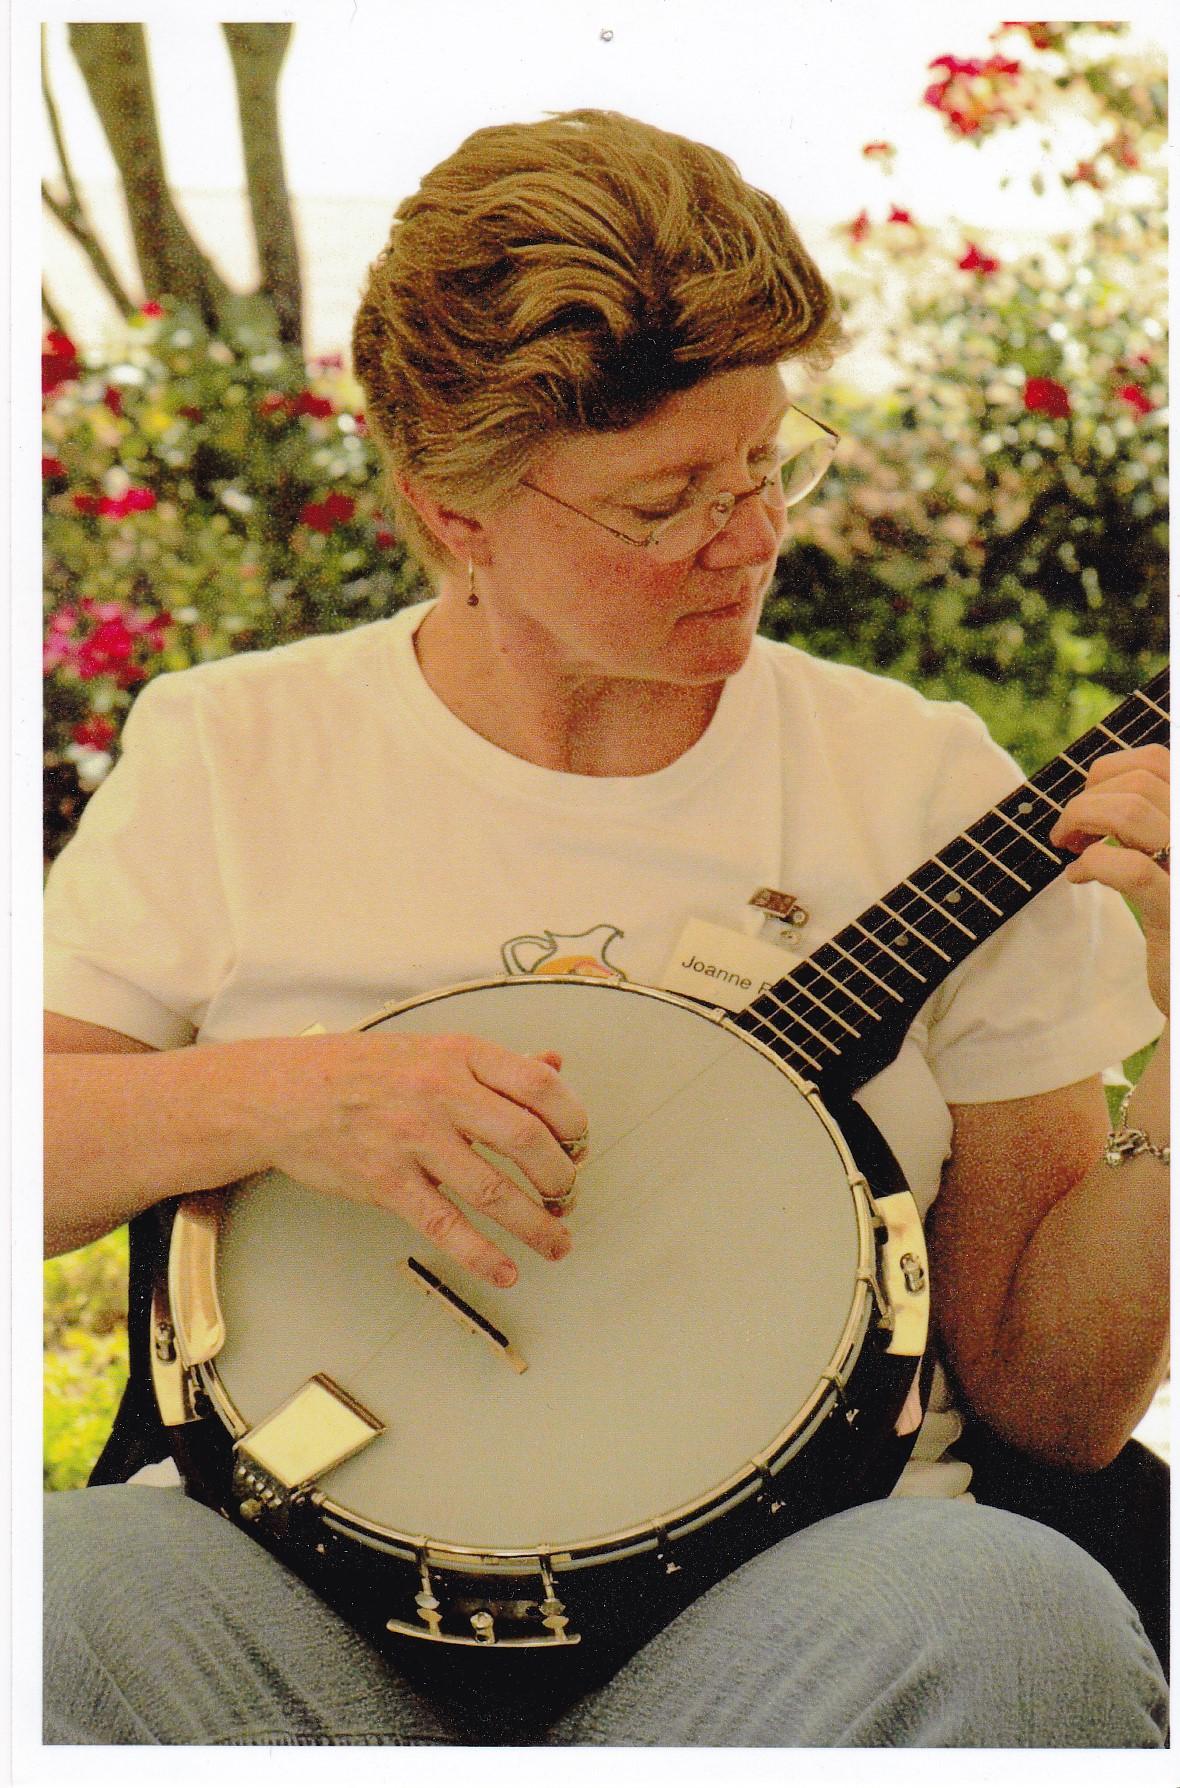 joanne-banjo.jpg